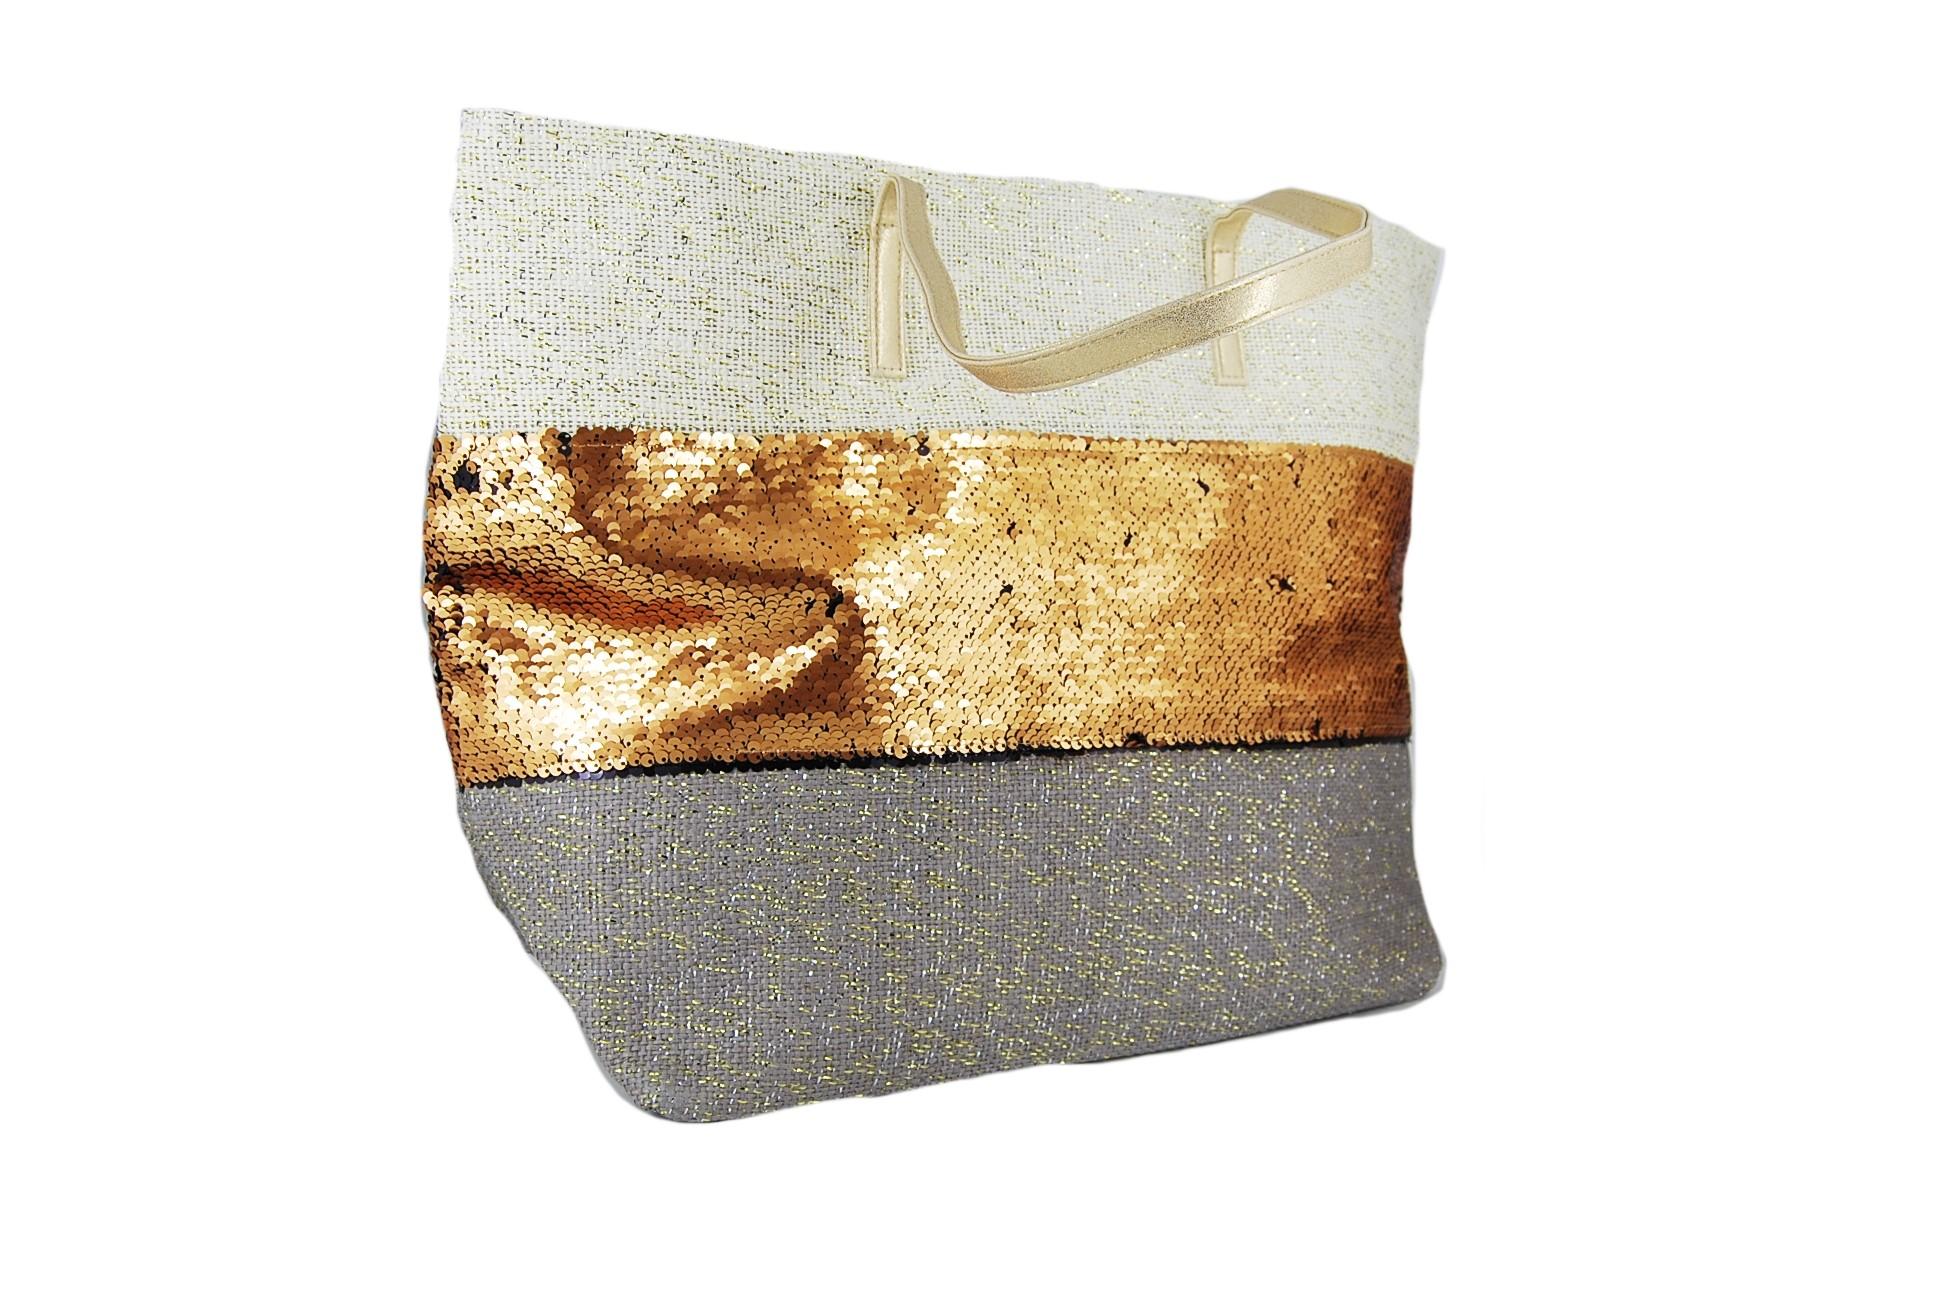 c565bb750f Verde τσάντα θαλάσσης γυναικεία τρίχρωμη (μπεζ-χρυσό-γκρι ...